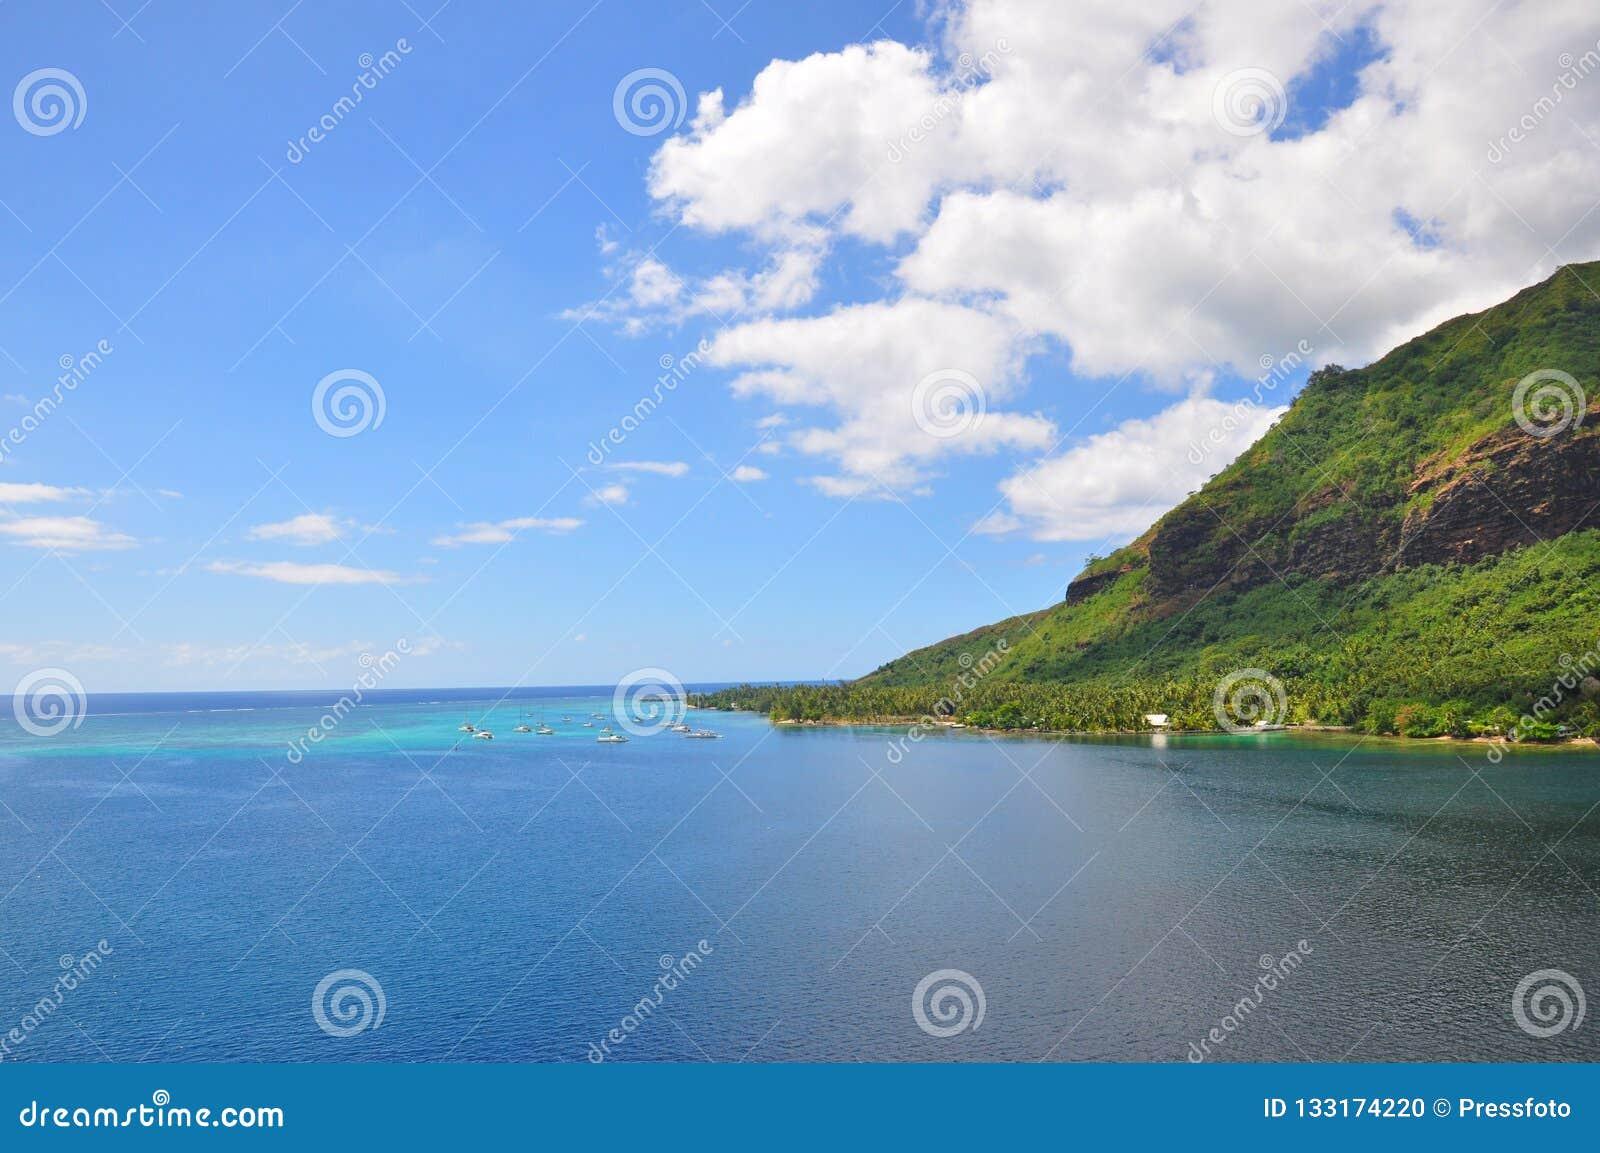 Tahiti-Inseln gestalten landschaftlich